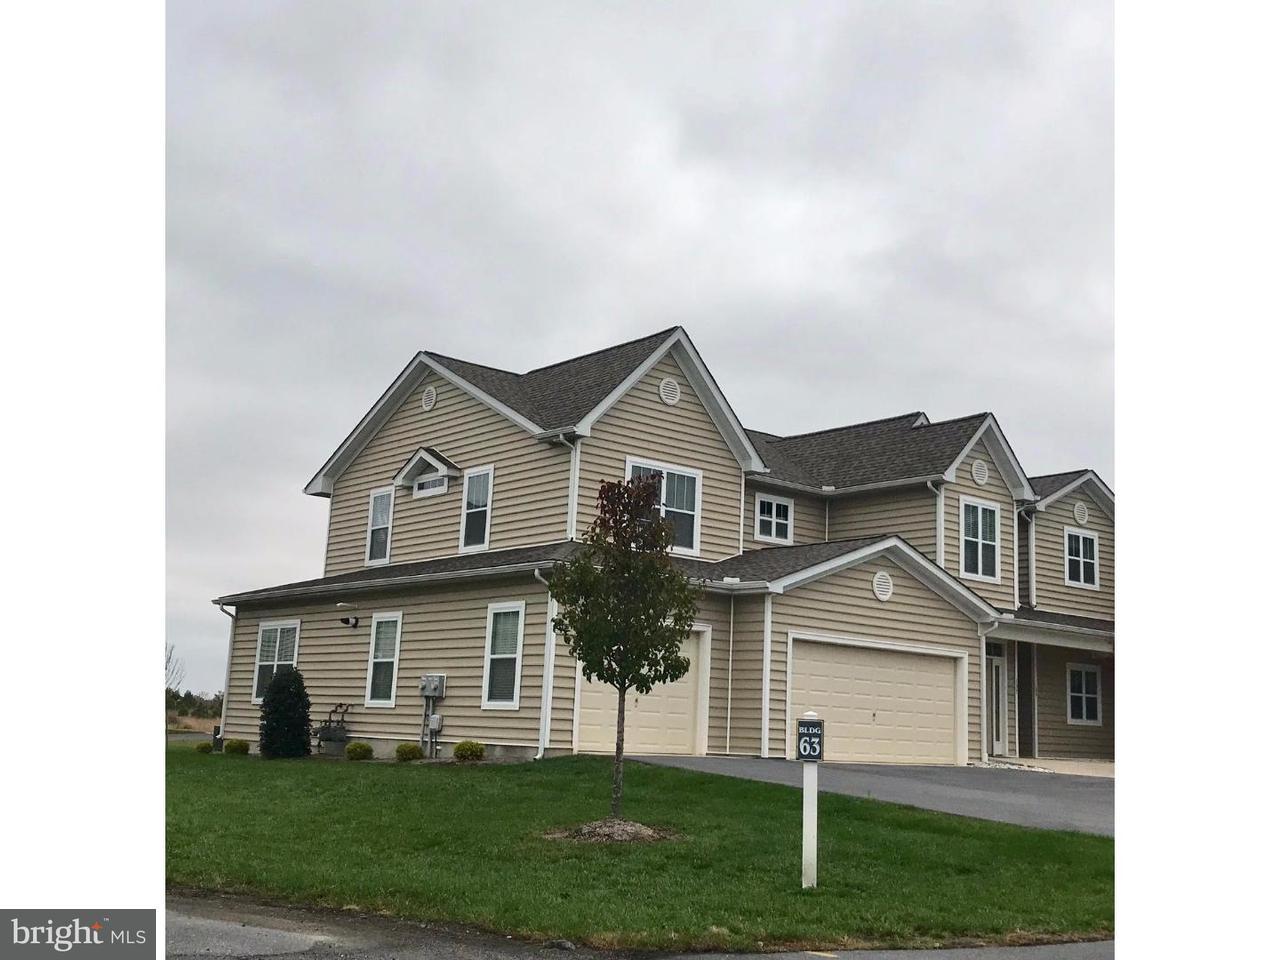 Casa unifamiliar adosada (Townhouse) por un Alquiler en 137 ROCK LEDGE Court Milford, Delaware 19963 Estados Unidos